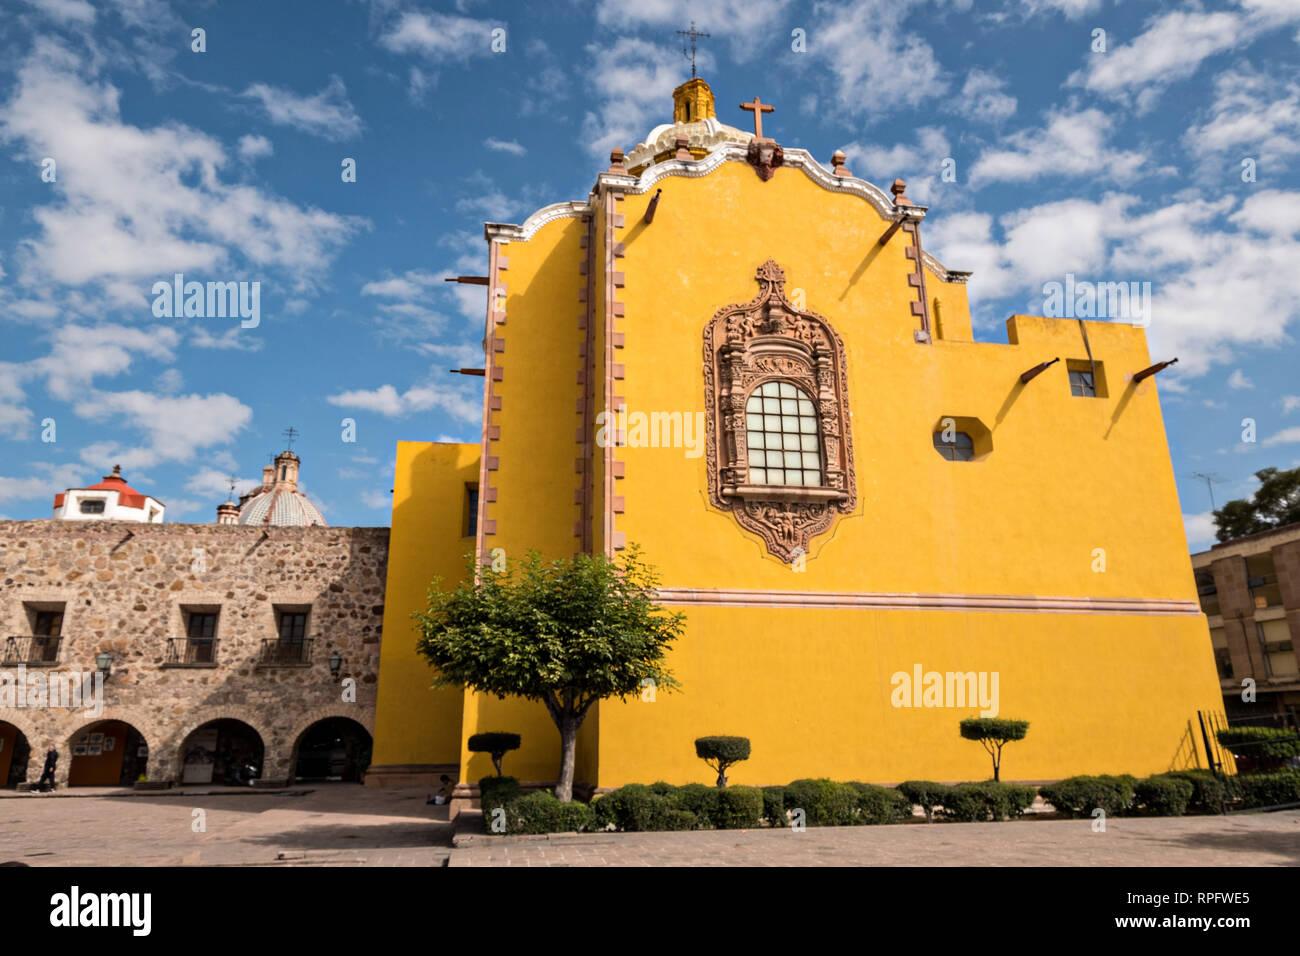 La façade de l'Aranzazu Chapelle et couvent San Francisco, sur la place de Aranzazu dans la capitale de l'État de San Luis Potosi, au Mexique. La chapelle et le couvent a été construit entre 1749 et 1760 et dispose d'informations et Churrigueresque dômes. Banque D'Images